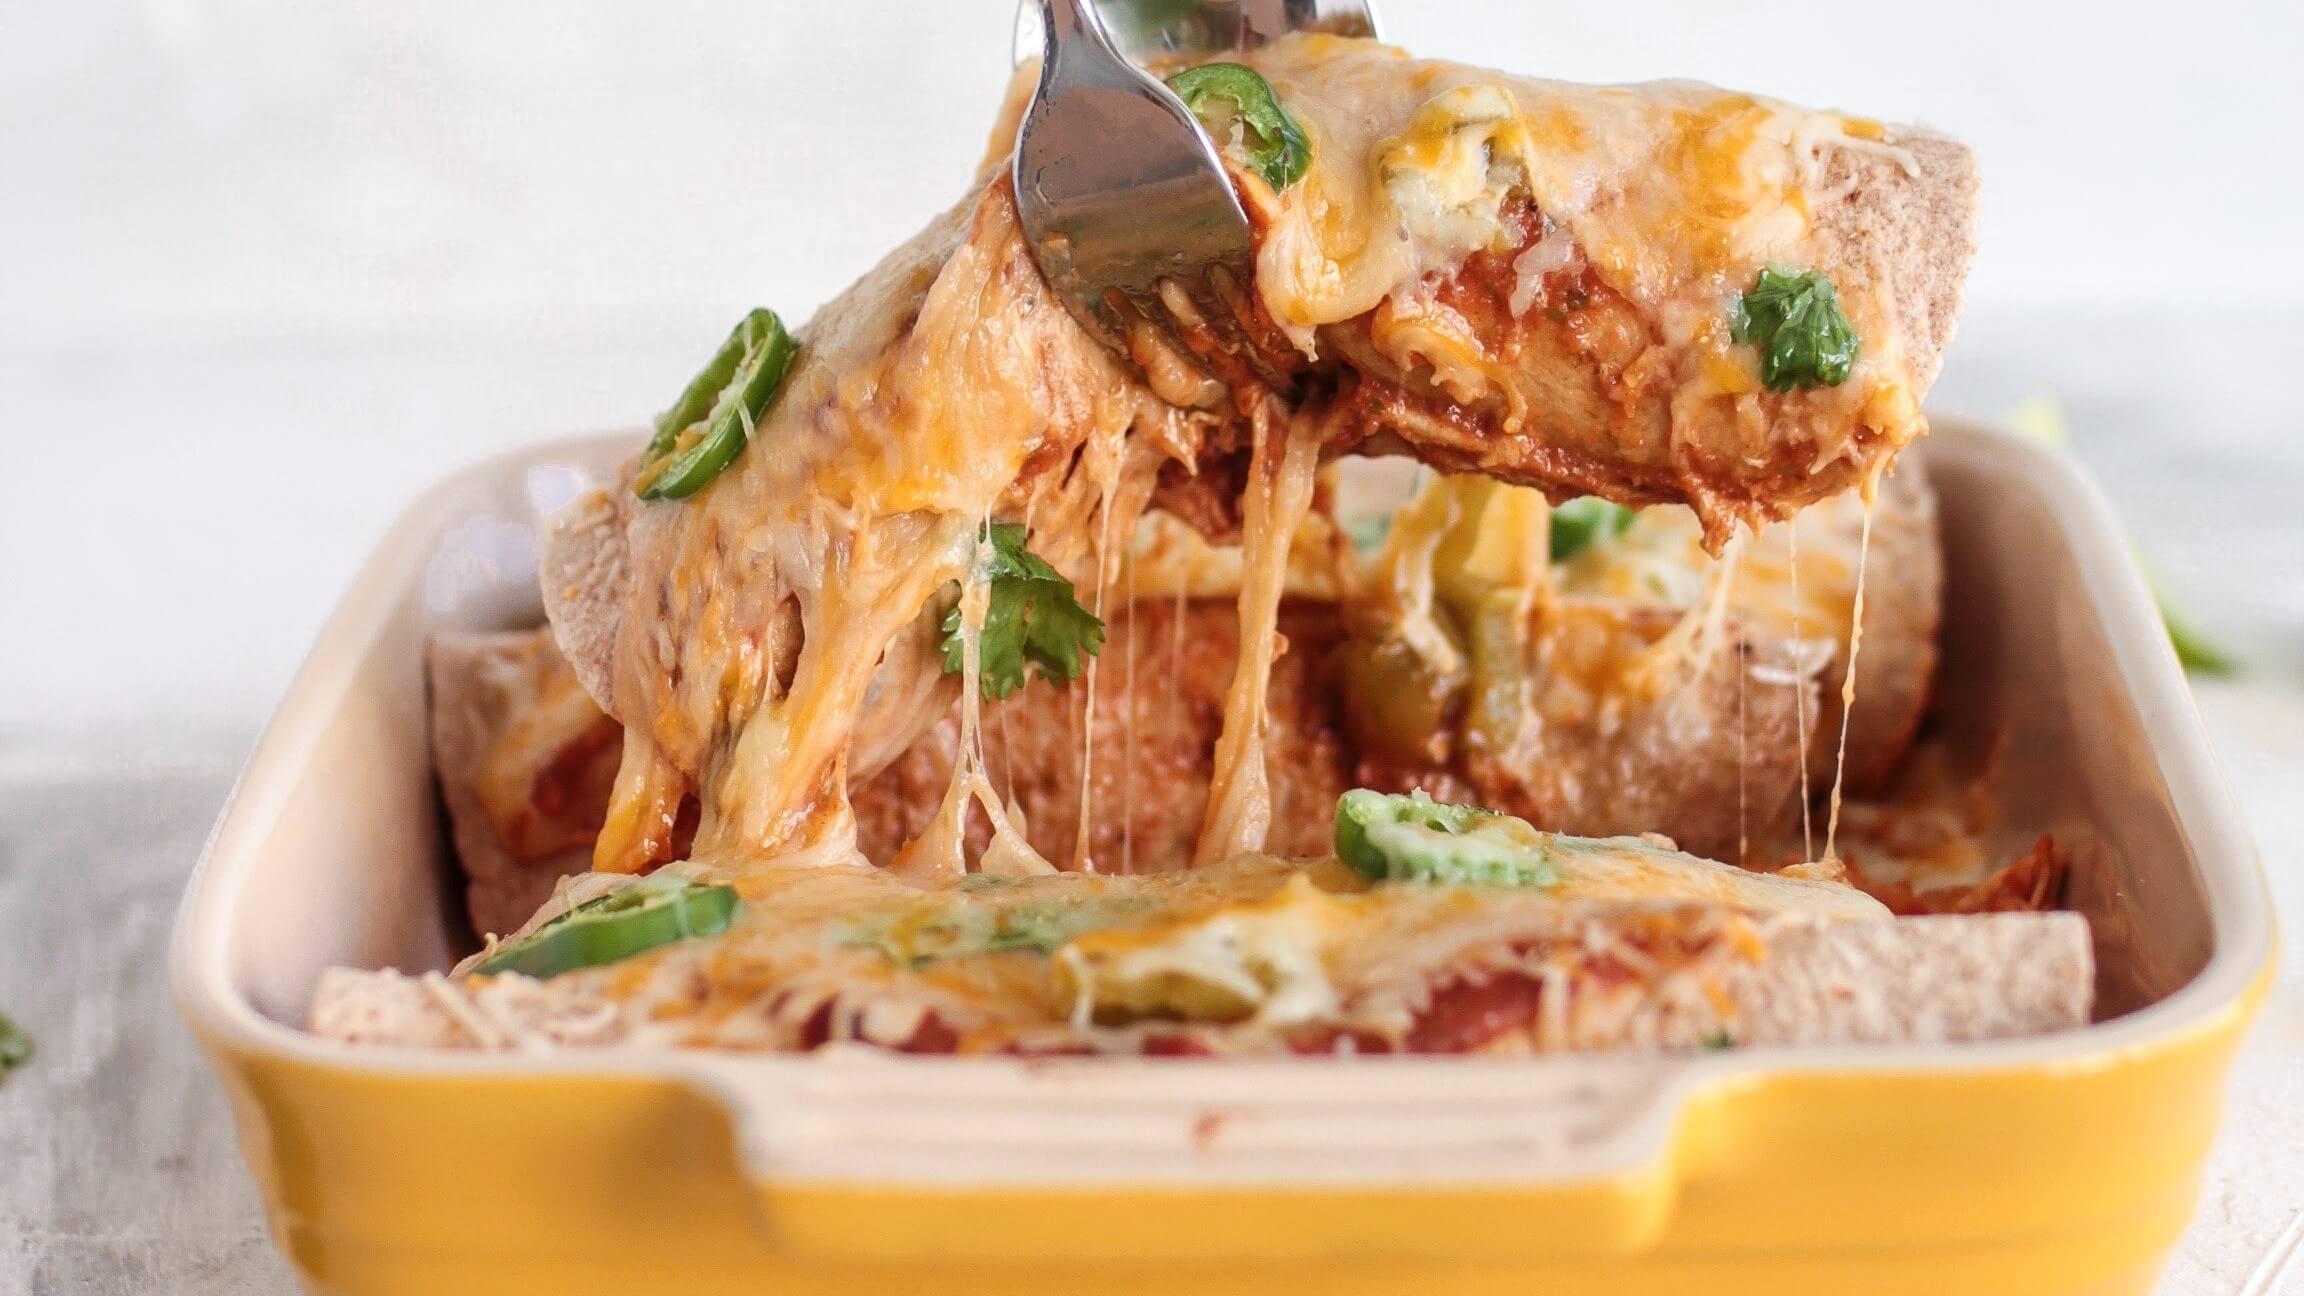 UK Restaurant The Mailbox Adds Vegan Comfort Food Menu With Halloumi Fries